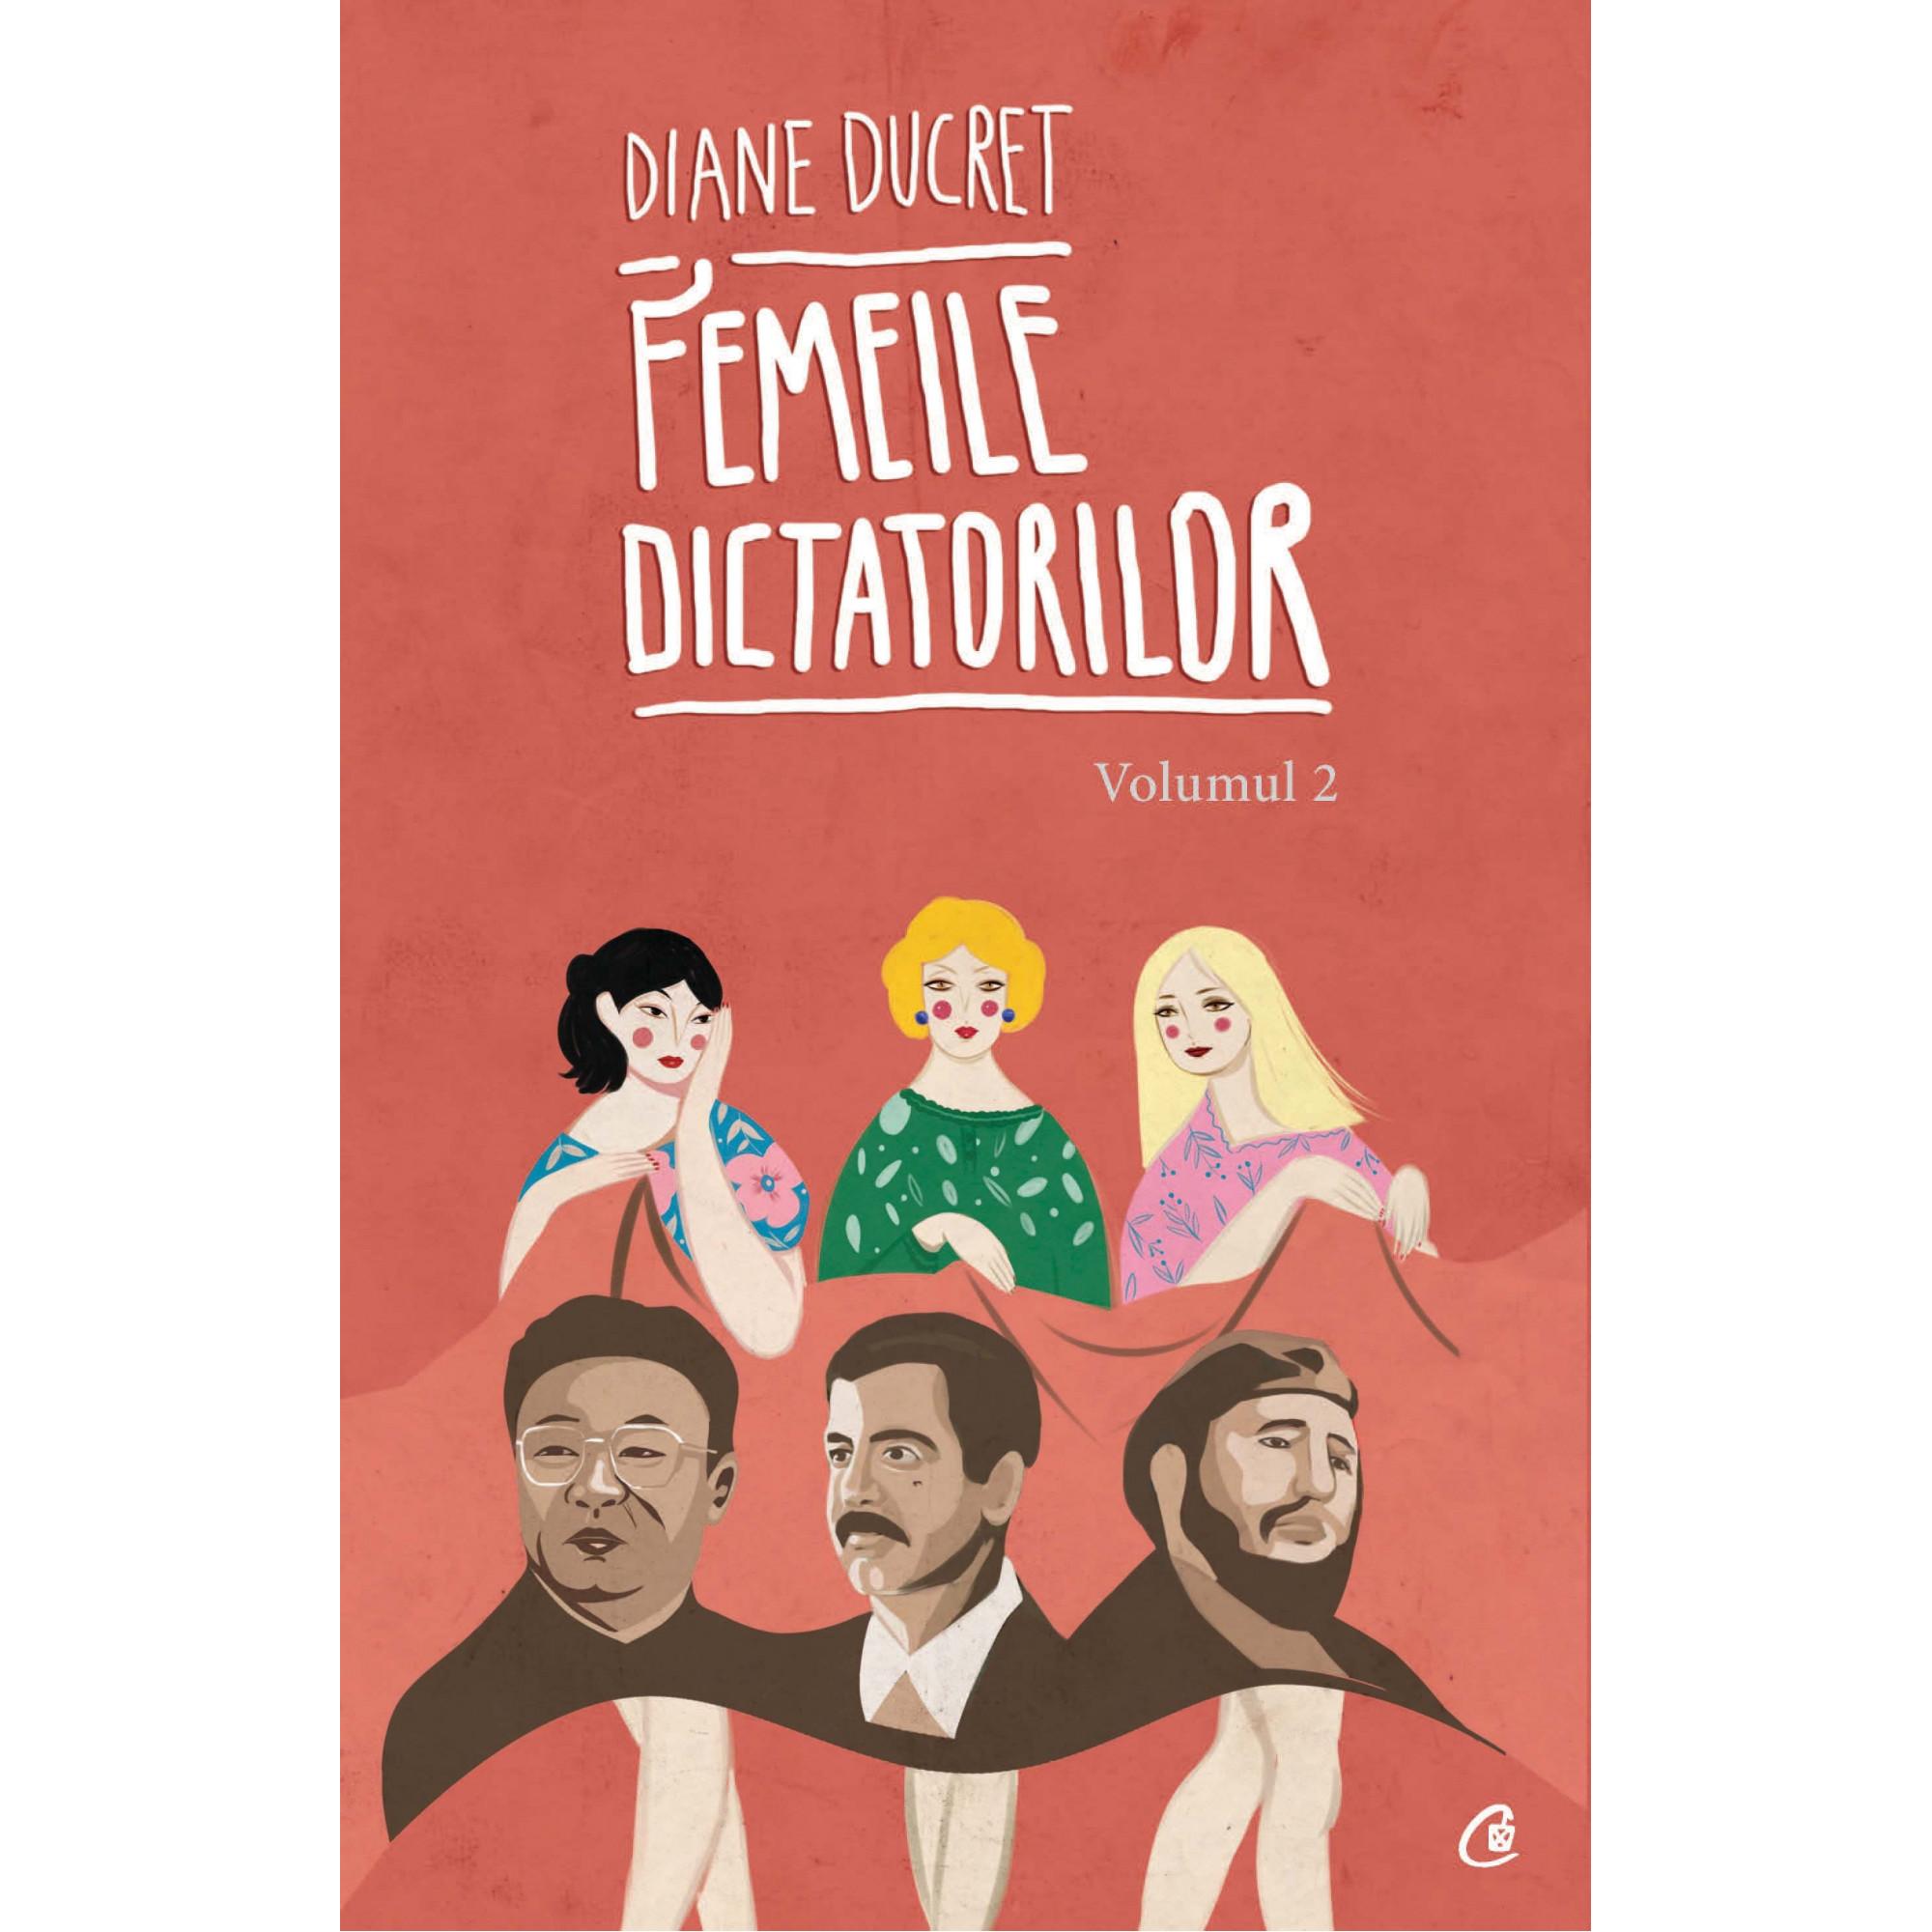 Femeile dictatorilor. Volumul 2; Diane Ducret